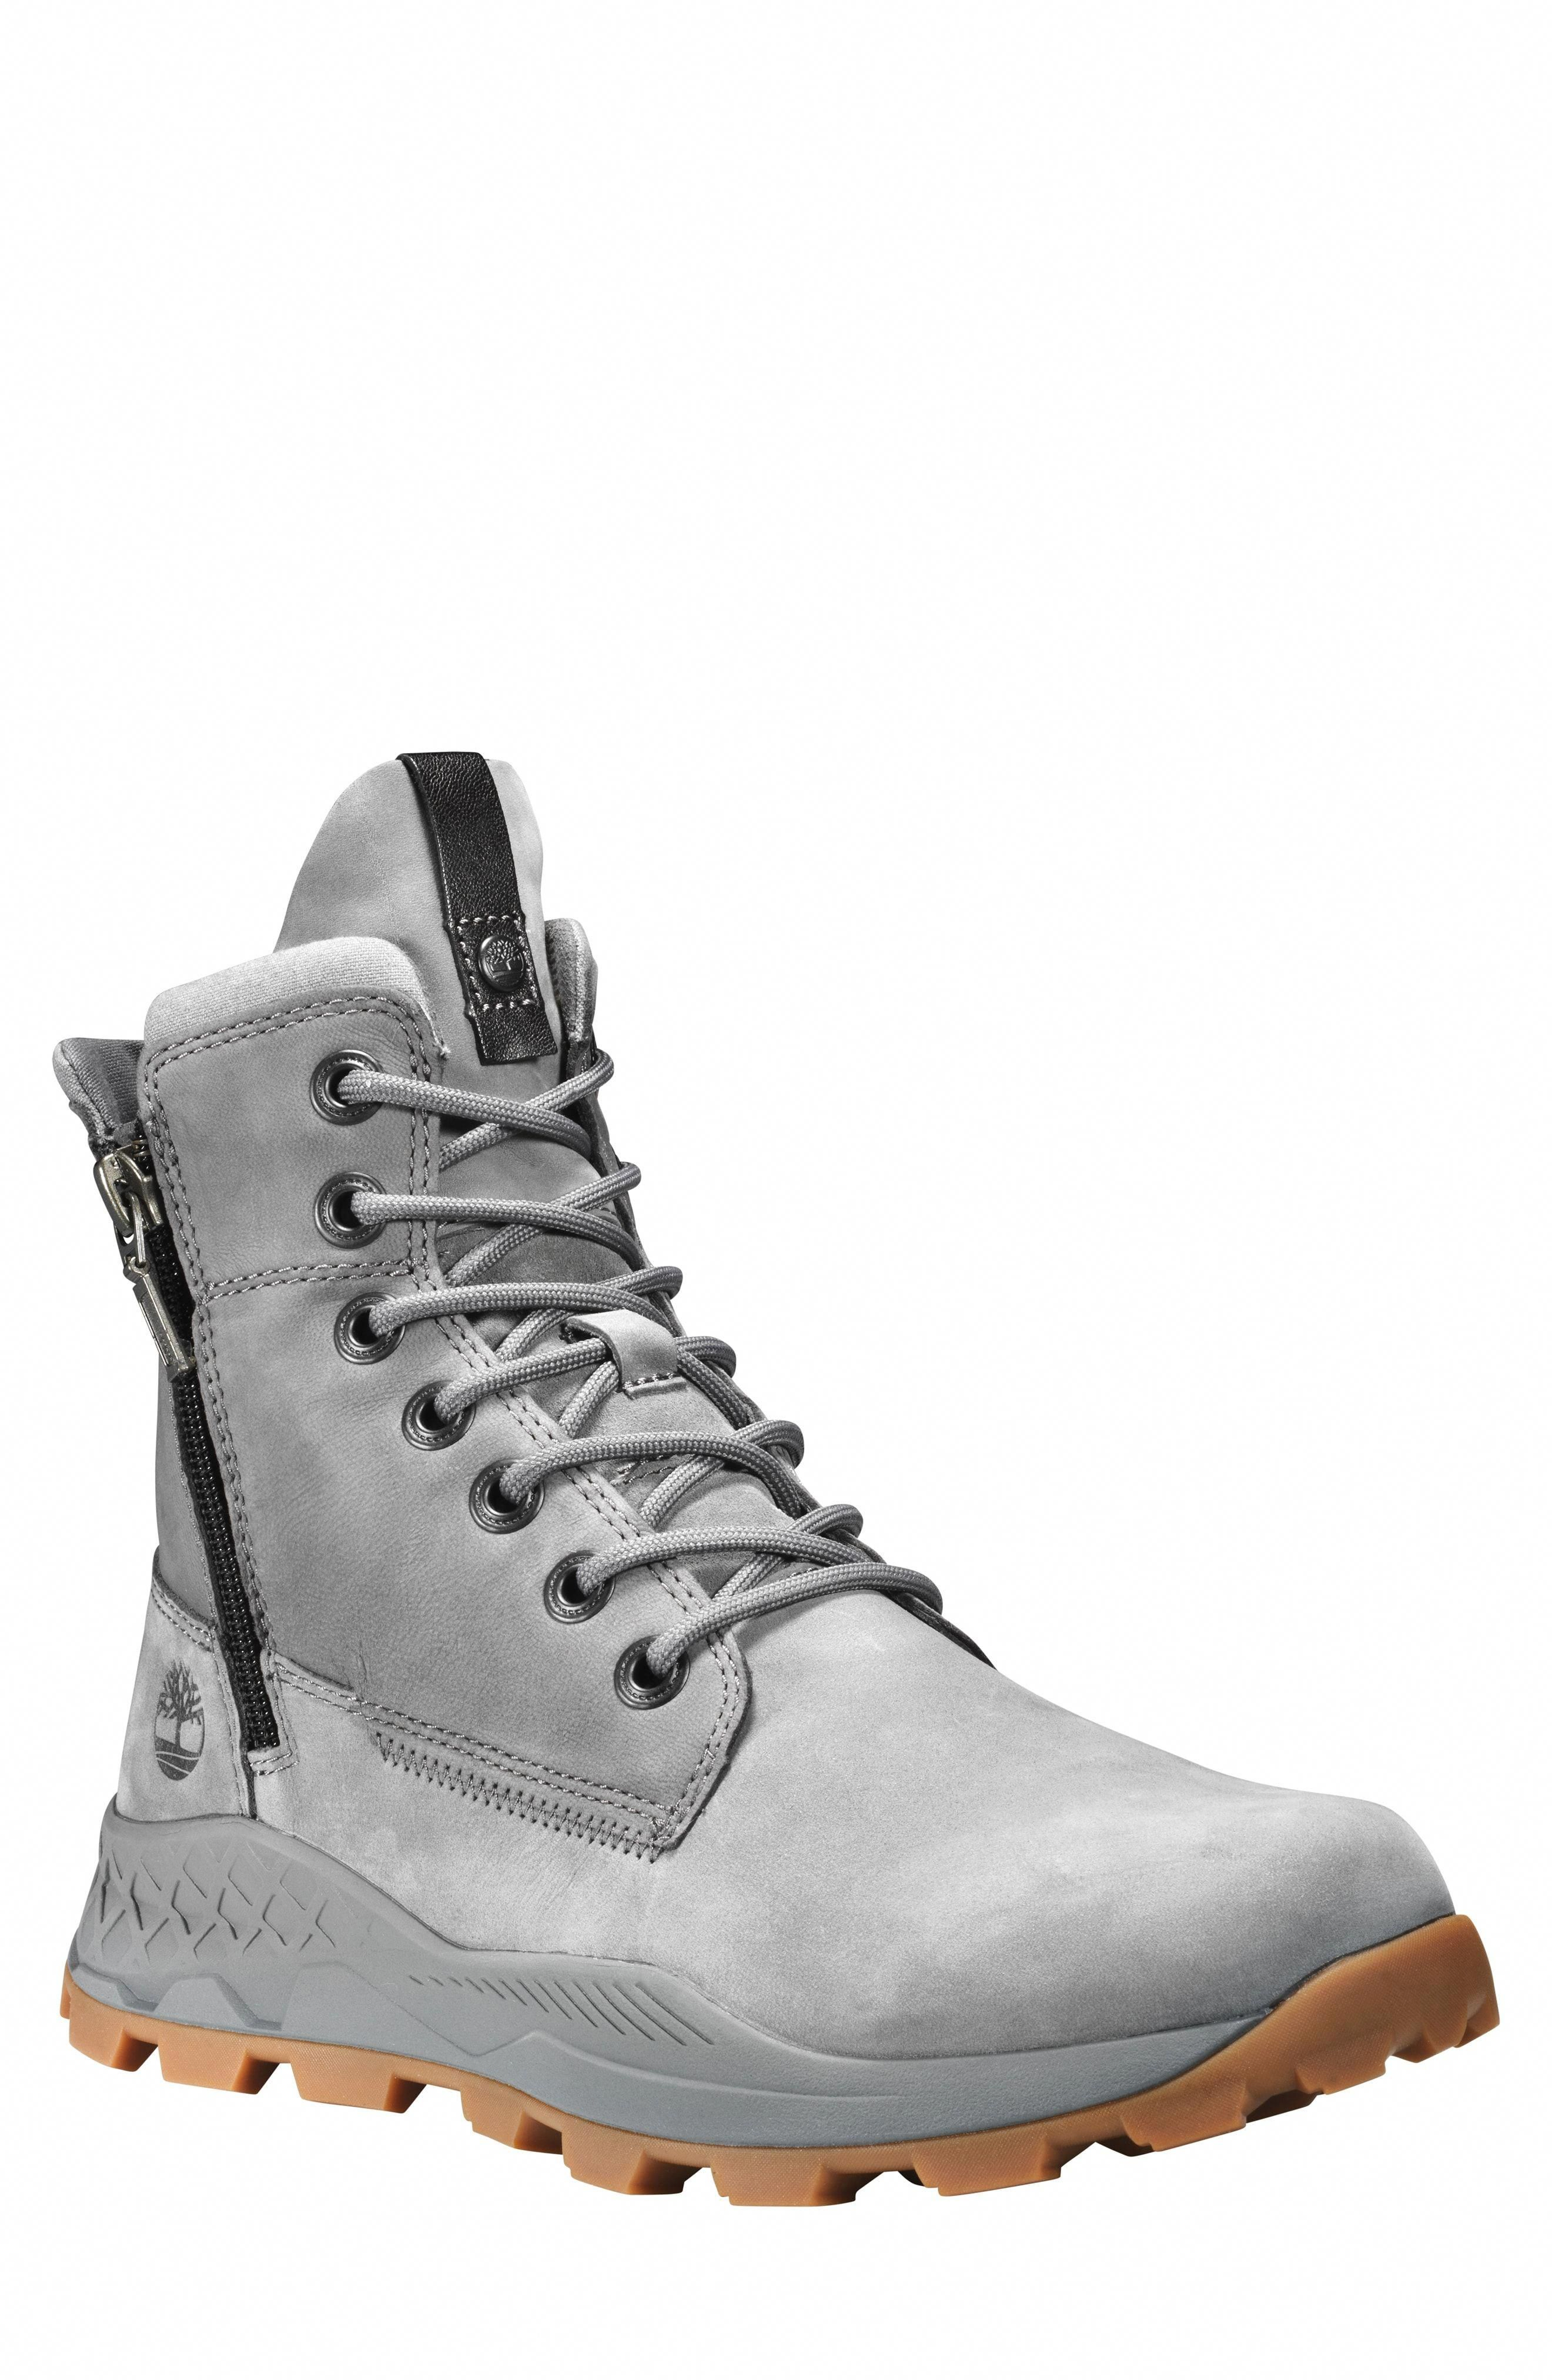 macy's men's winter boots